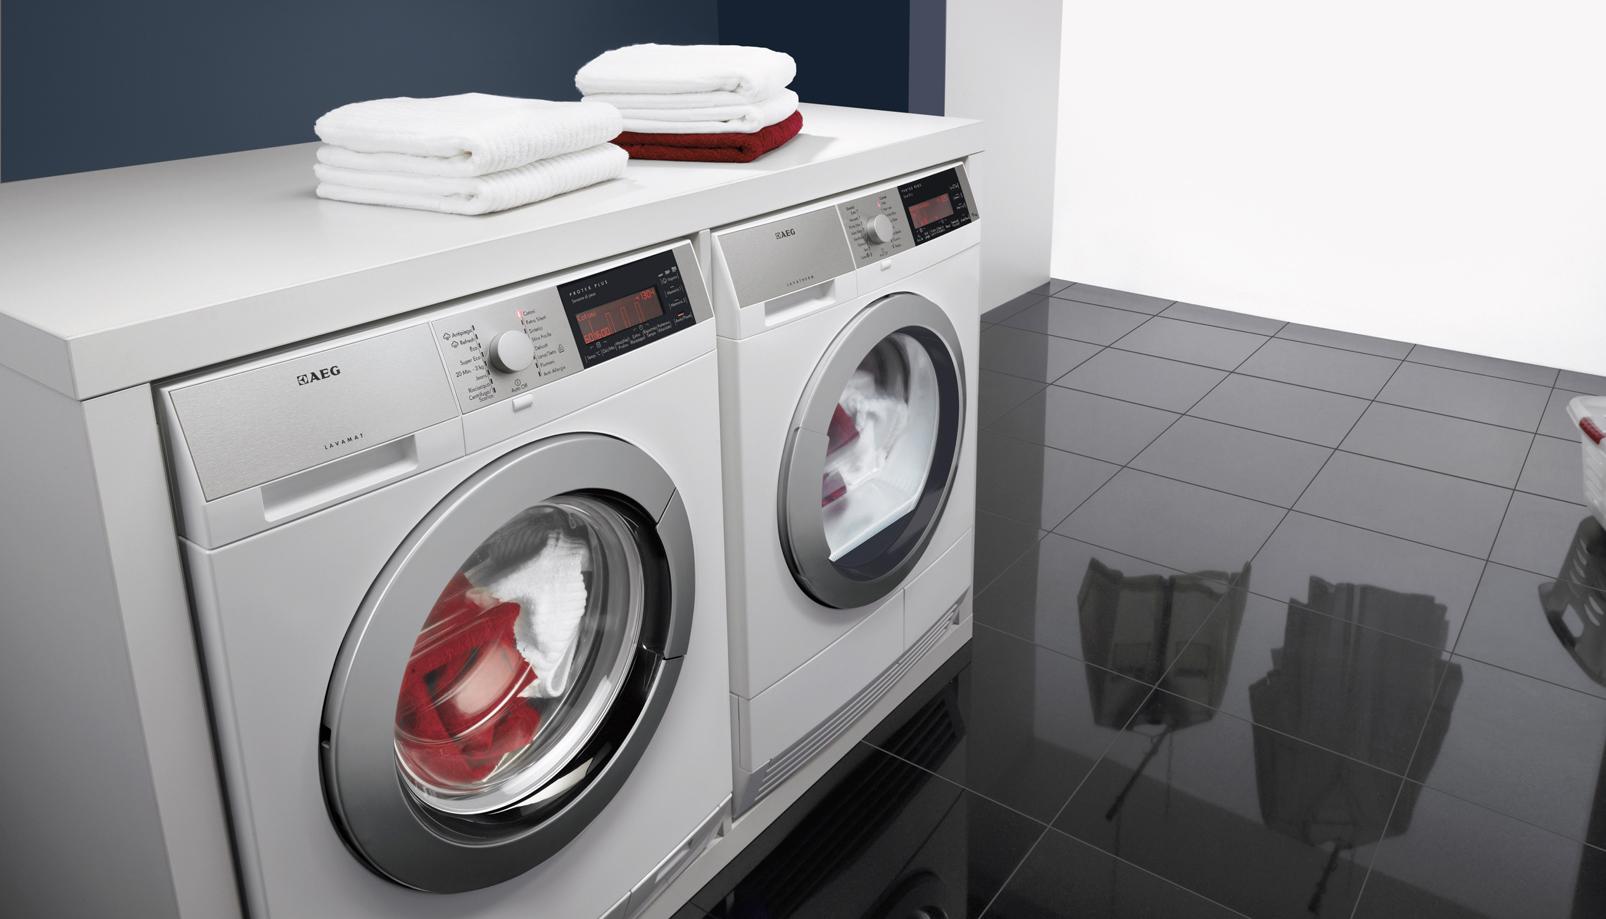 Lavatrice e asciugatrice in colonna tutte le offerte cascare a fagiolo - Mobile per lavatrice e asciugatrice ...